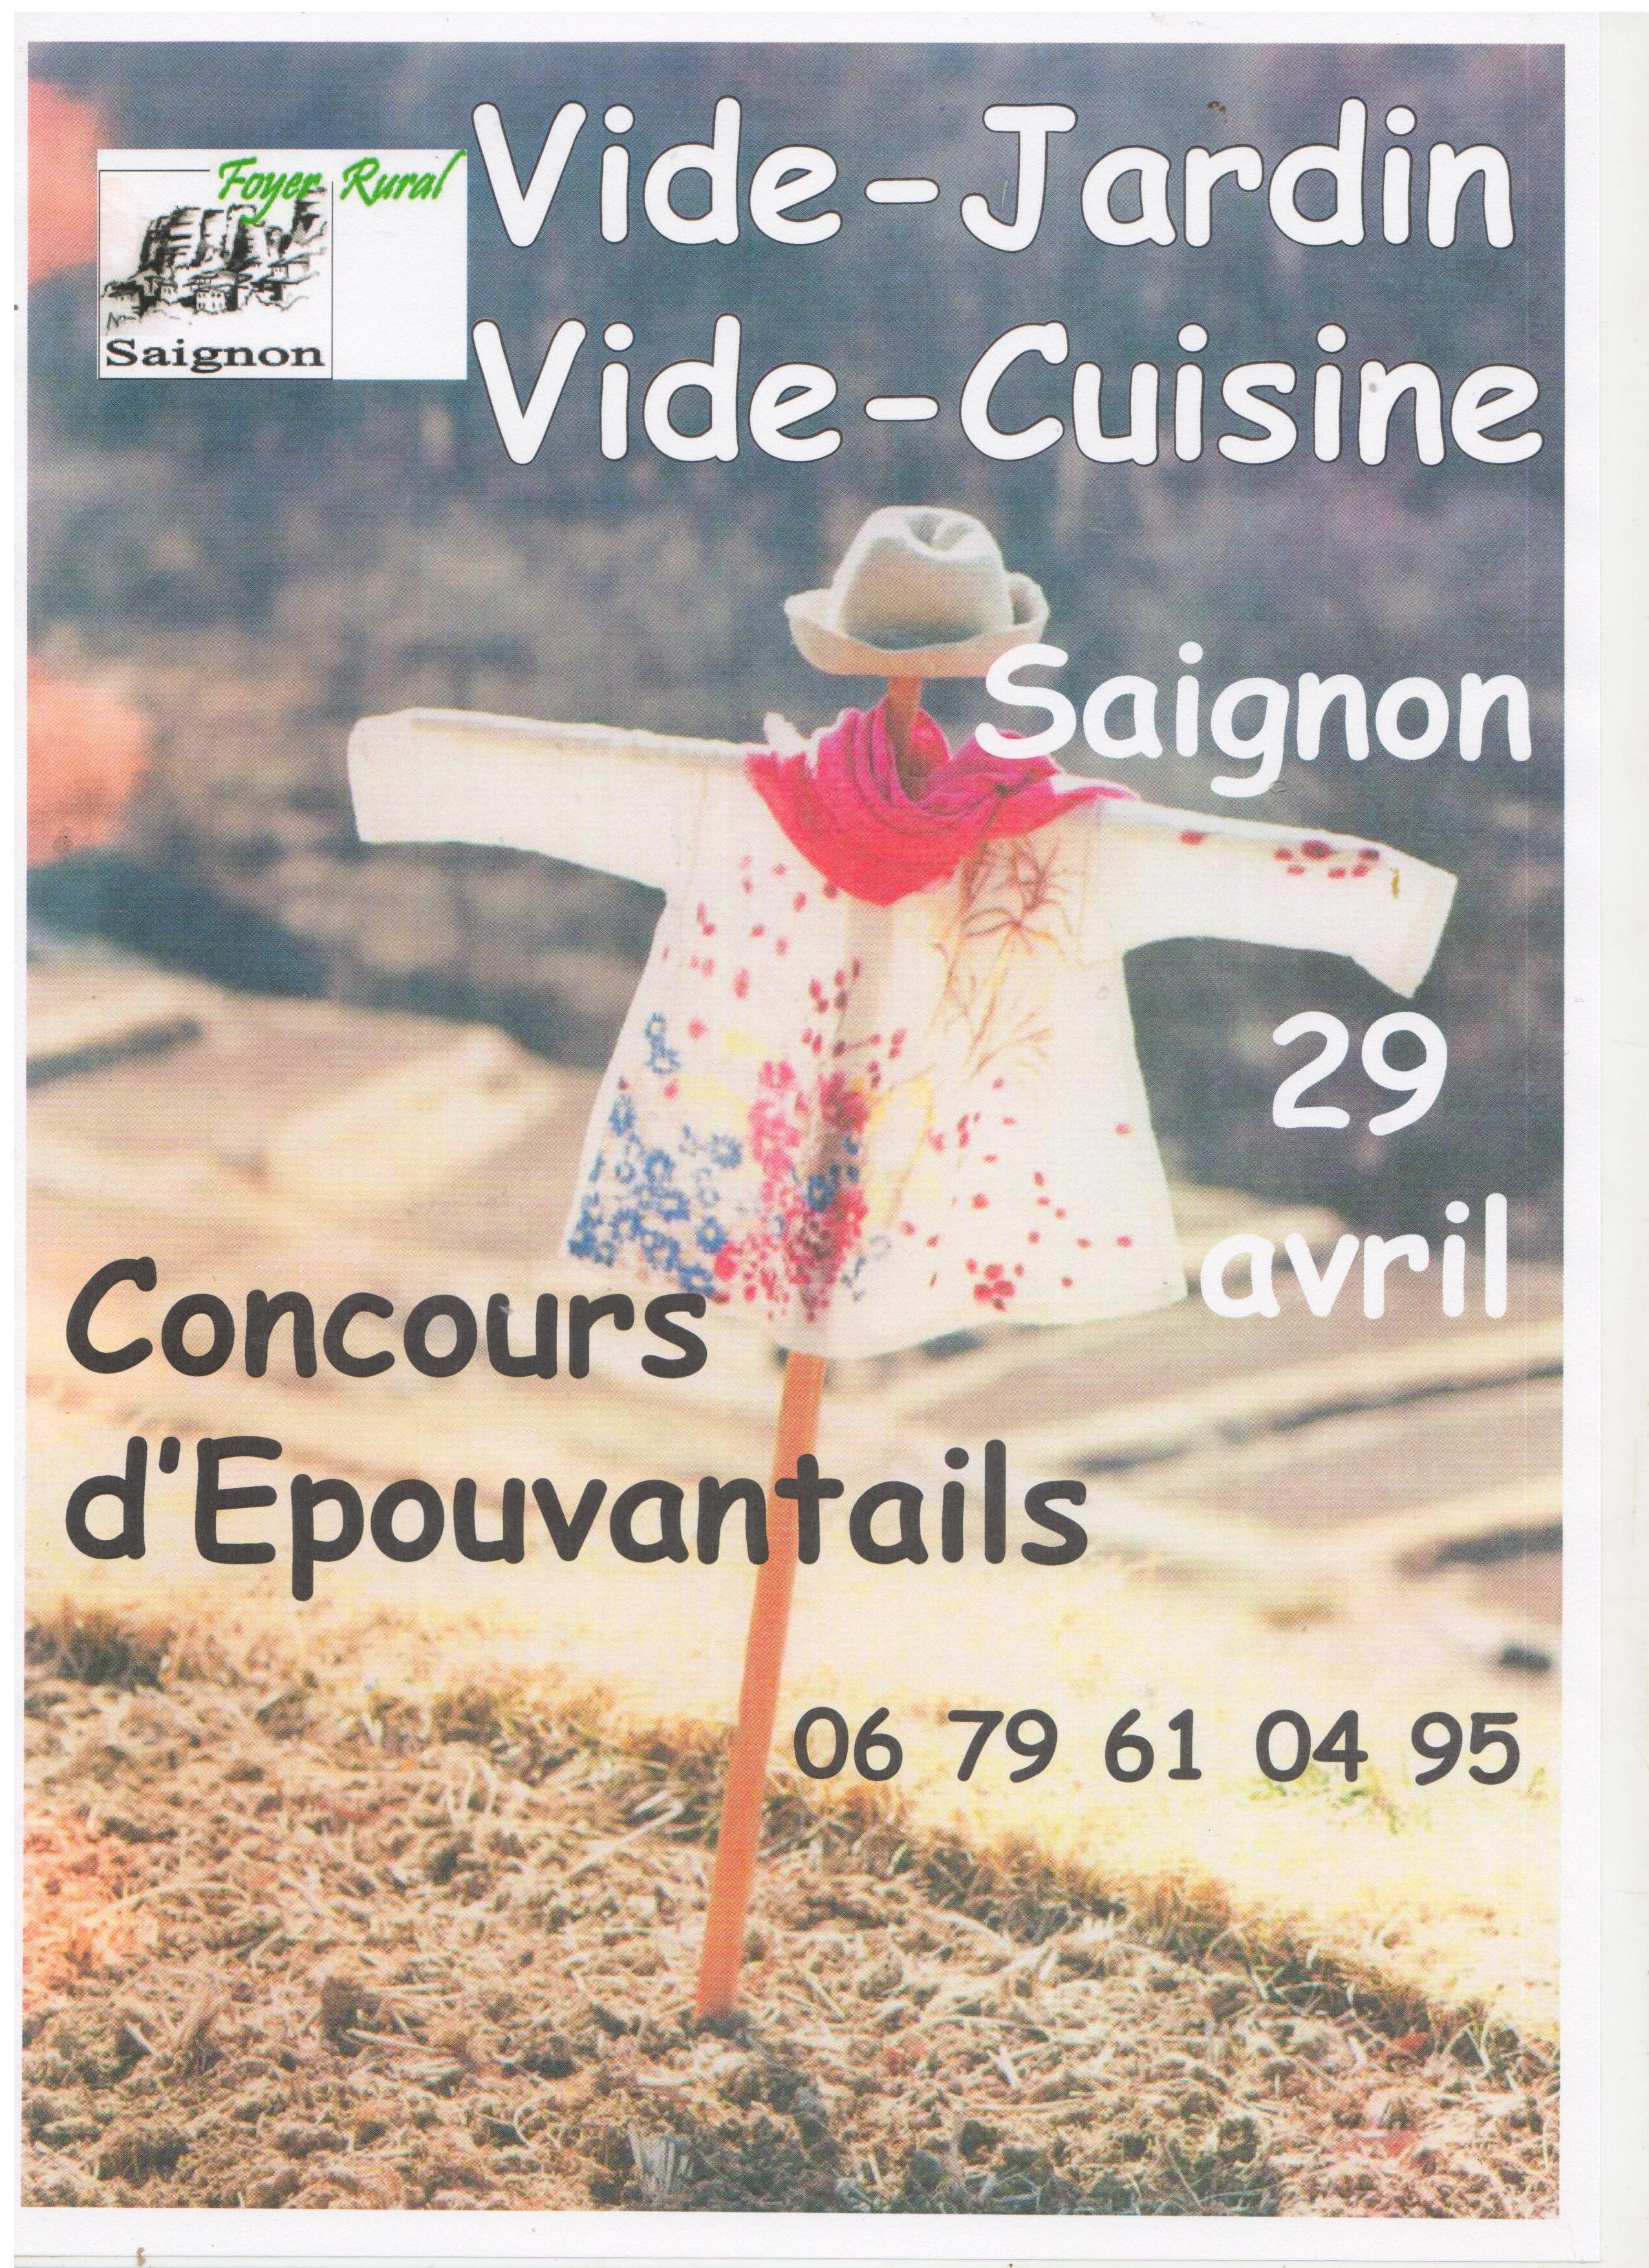 Afiche VJ VC Saignon 001